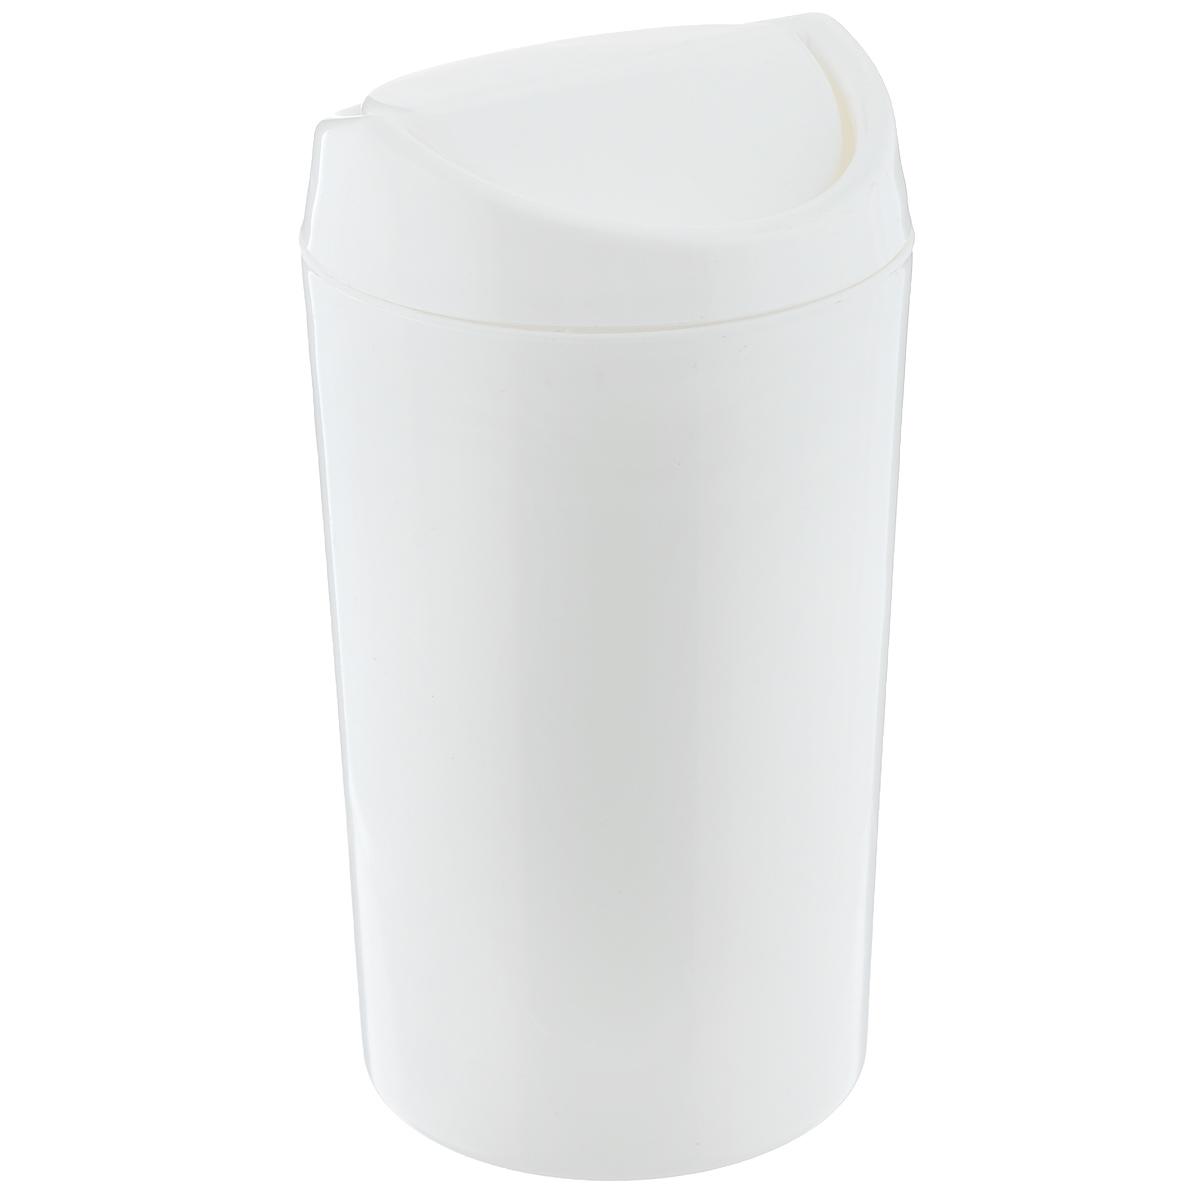 Контейнер для мусора Бытпласт, цвет: белый, 1,25 лС12011Однотонный контейнер для мусора Бытпласт изготовлен из прочного пластика. Такой аксессуар очень удобен в использовании как дома, так и в офисе. Контейнер снабжен удобной поворачивающейся крышкой. Стильный дизайн сделает его прекрасным украшением интерьера.